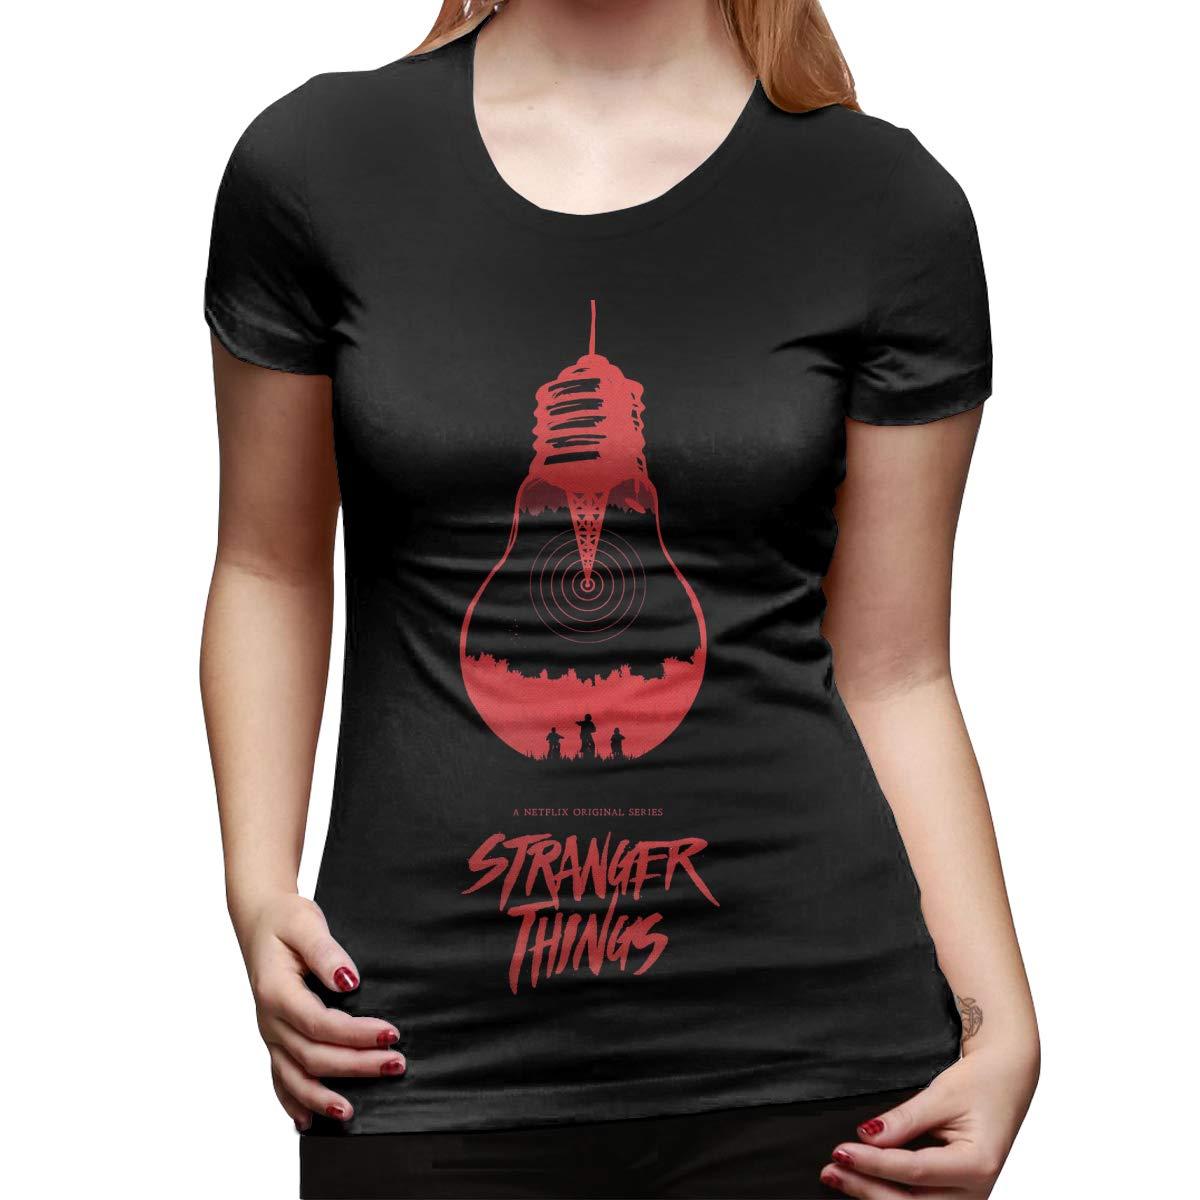 Kaivis Custom Stranger Things Light Bulb O-Neck Funny T Shirts for Women Black